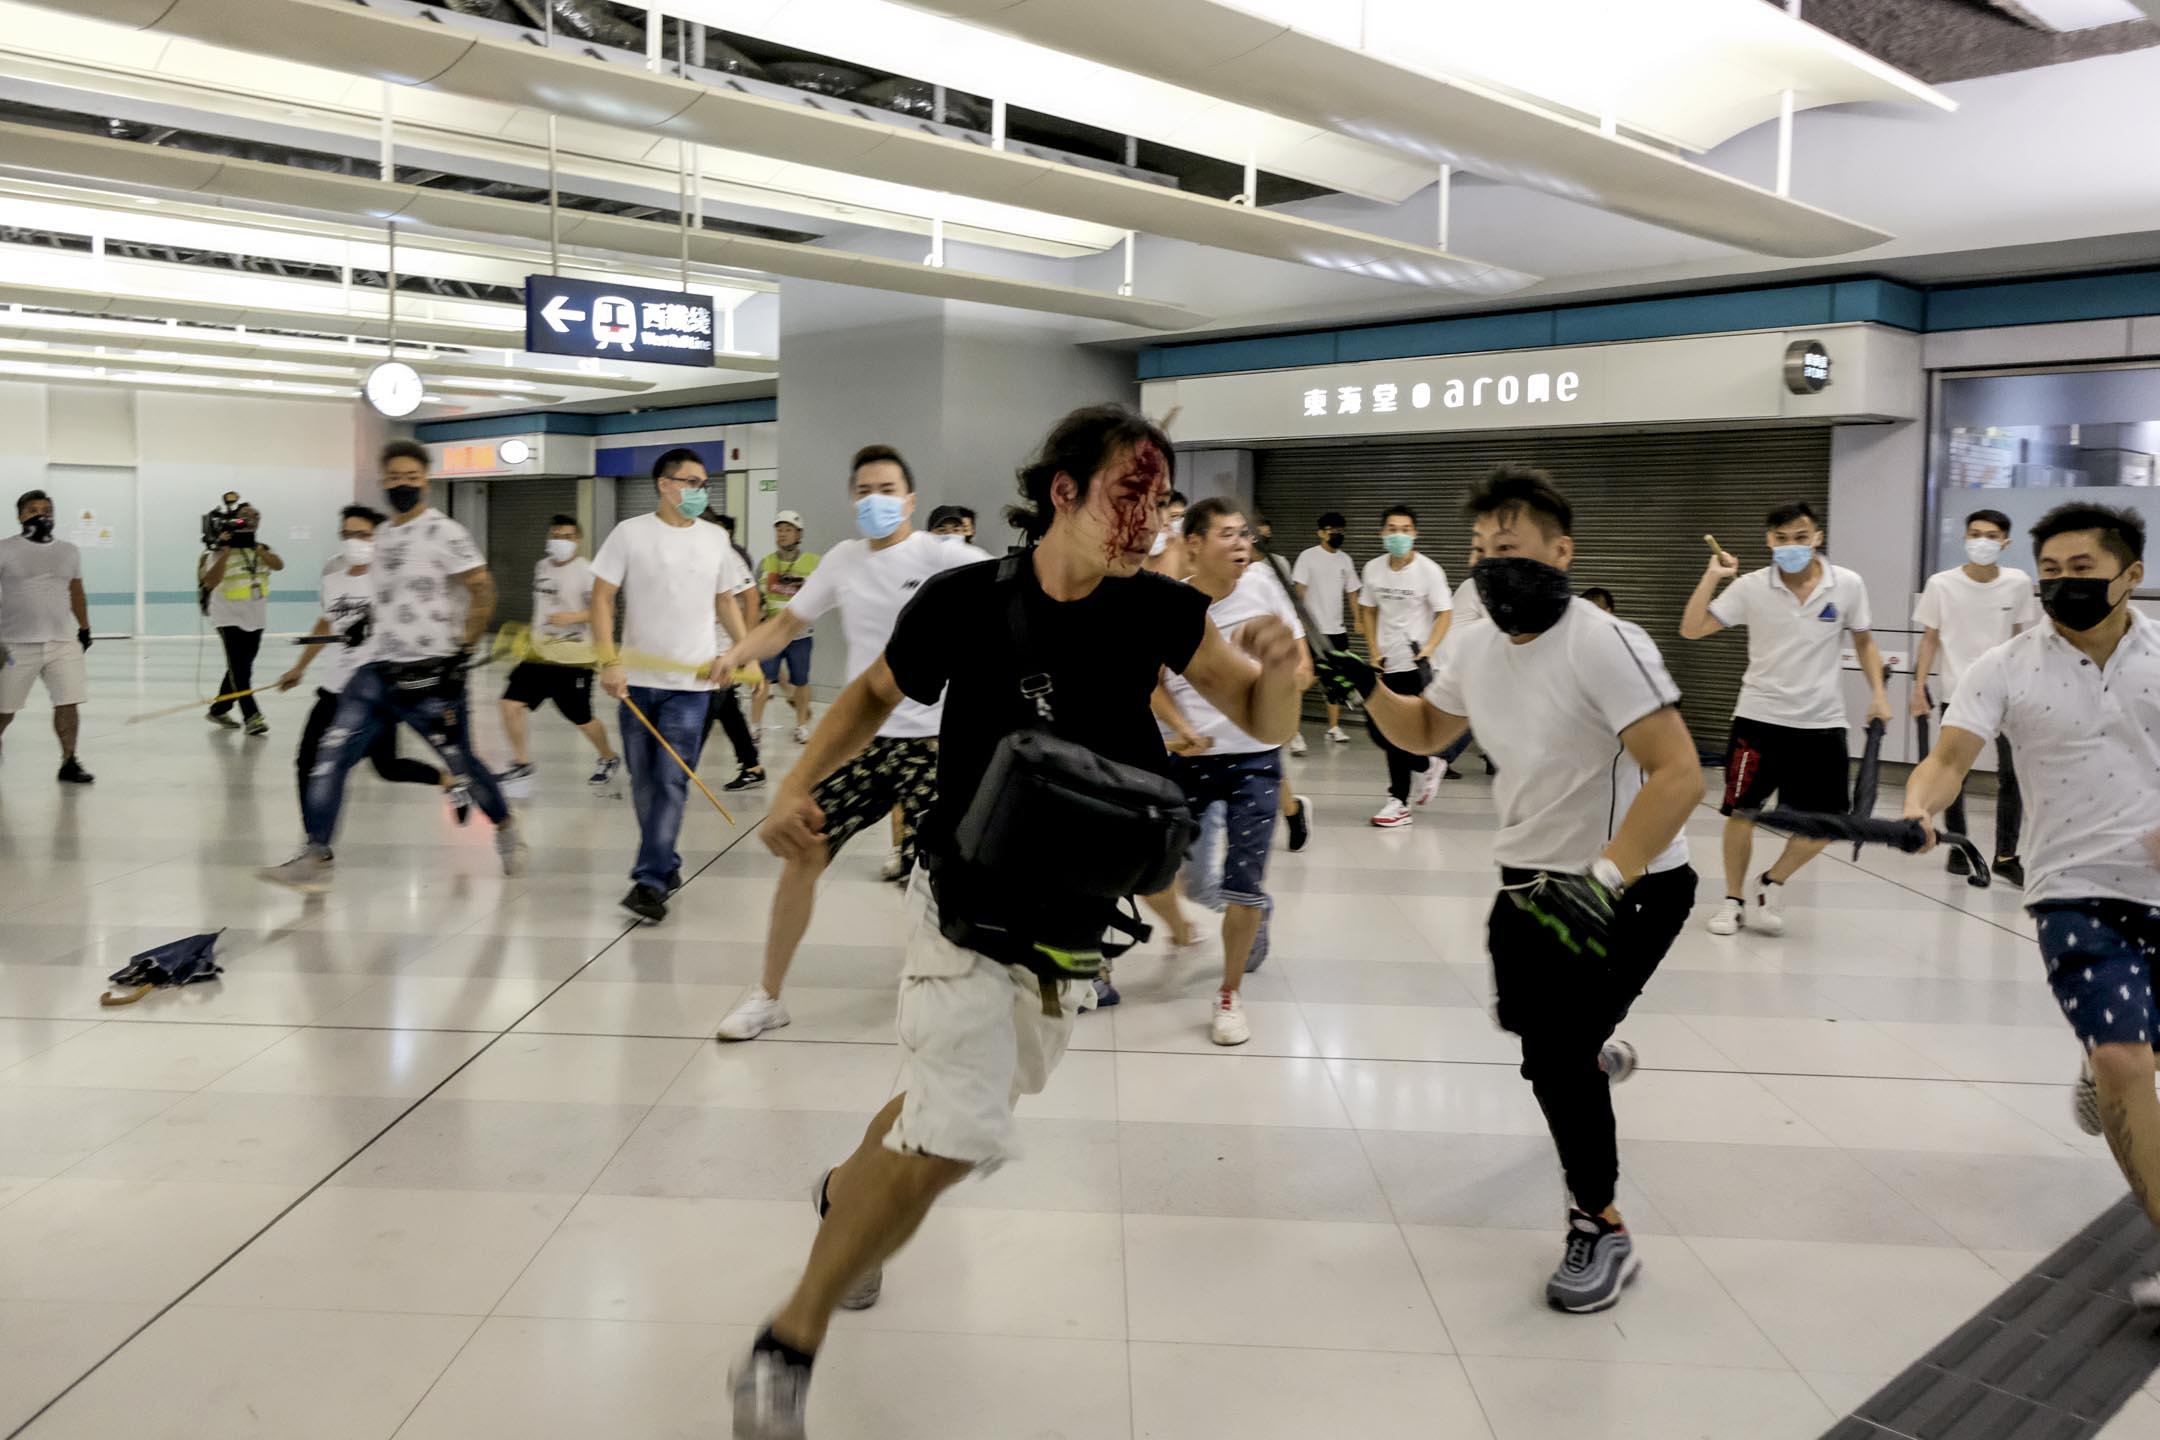 2019年7月22日,約凌晨12時29分,大批白衣人撬開鐵閘衝進元朗港鐵站,以棍棒等物件追打市民。